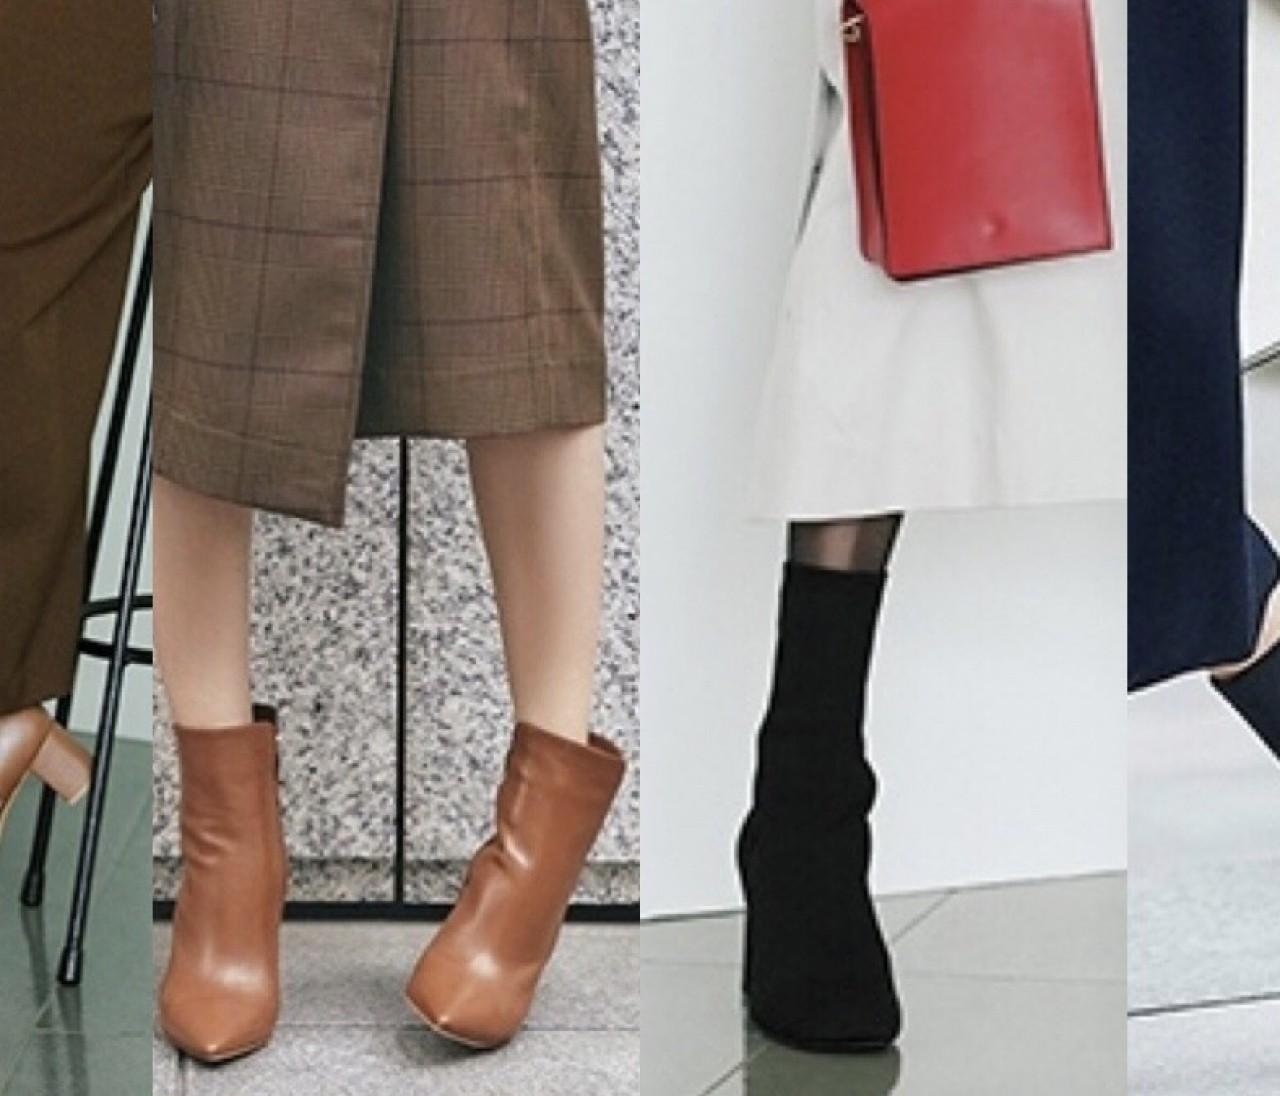 30代に人気! 秋冬の最新ショート&ミドルブーツコーデ30選【30代レディースファッション】